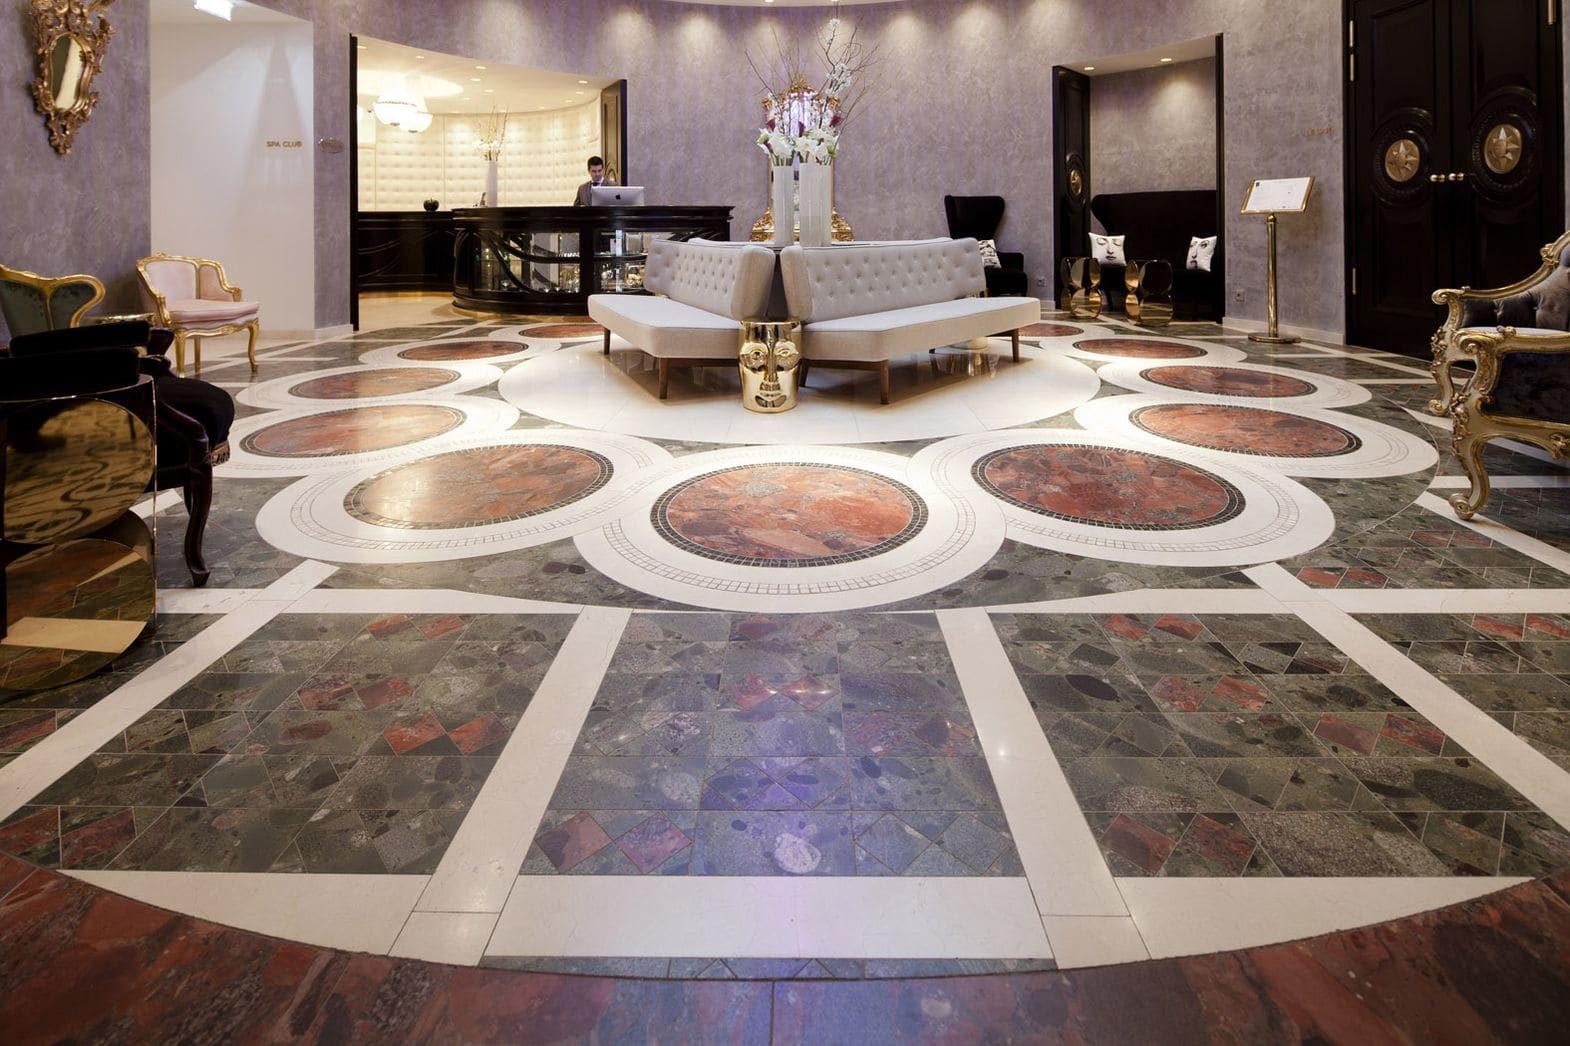 sans souci 0143 s2500 - Hotel Sans Souci Wien